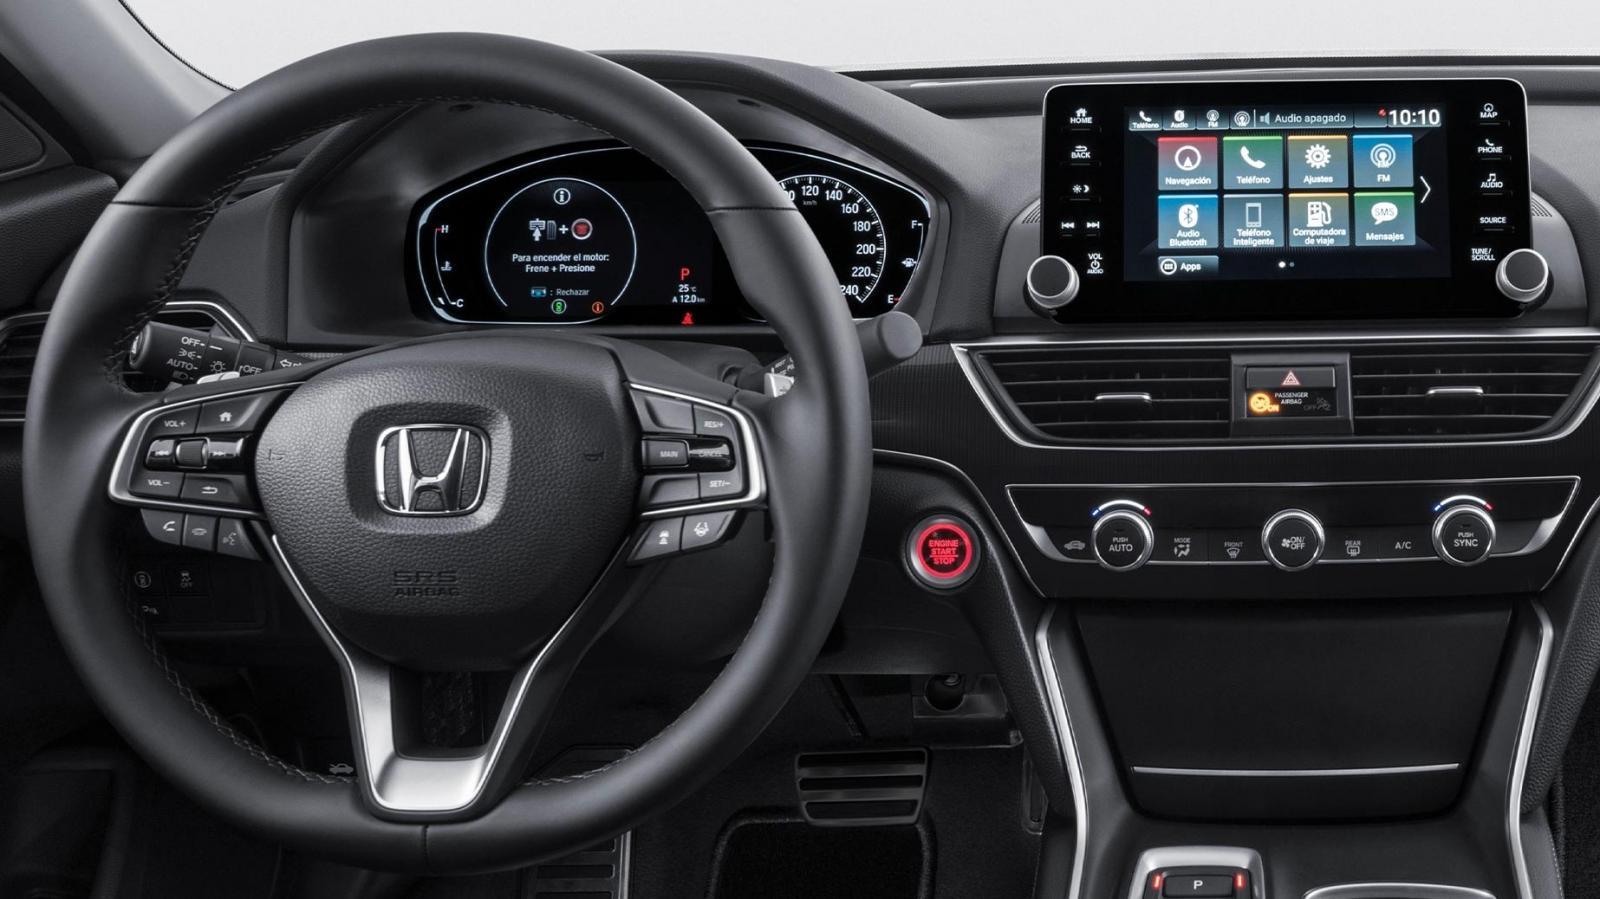 El Honda Accord Touring 2020 tiene una cabina construida con materiales de buena calidad